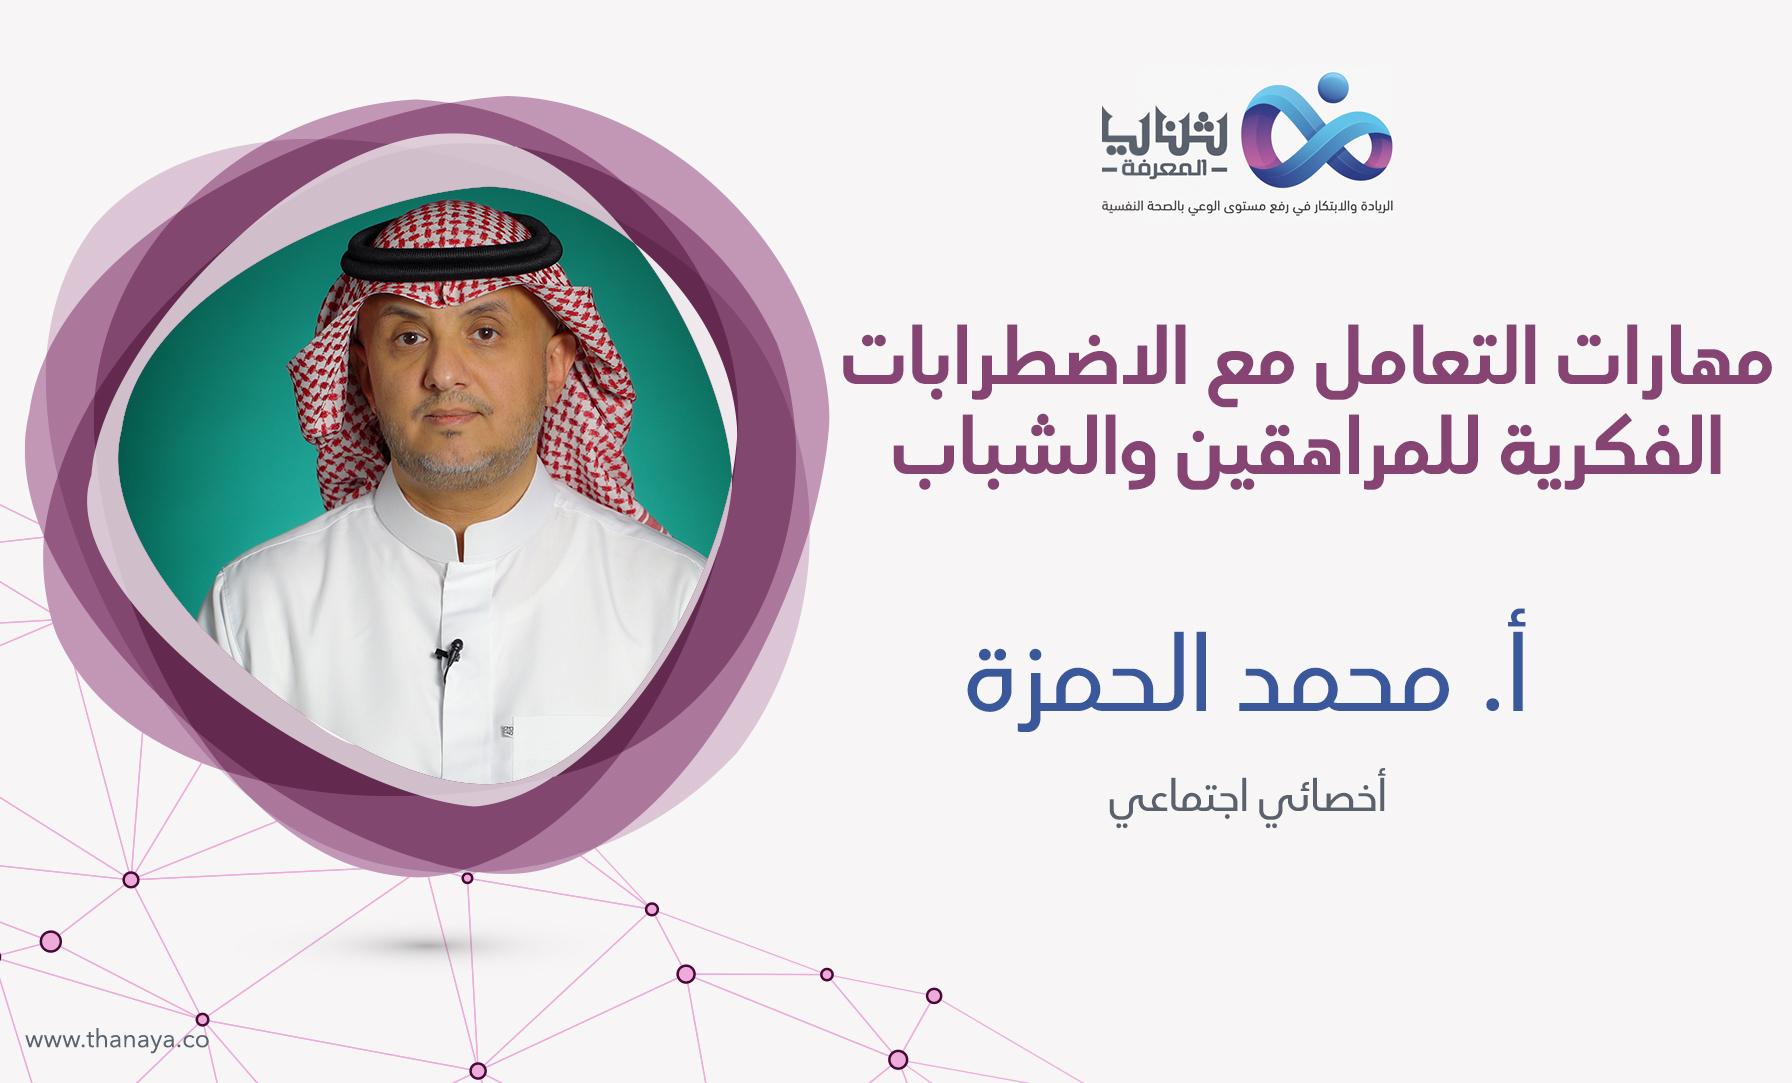 أ. محمد الحمزة - مهارات التعامل مع الاضطرابات الفكرية للمراهقين والشباب